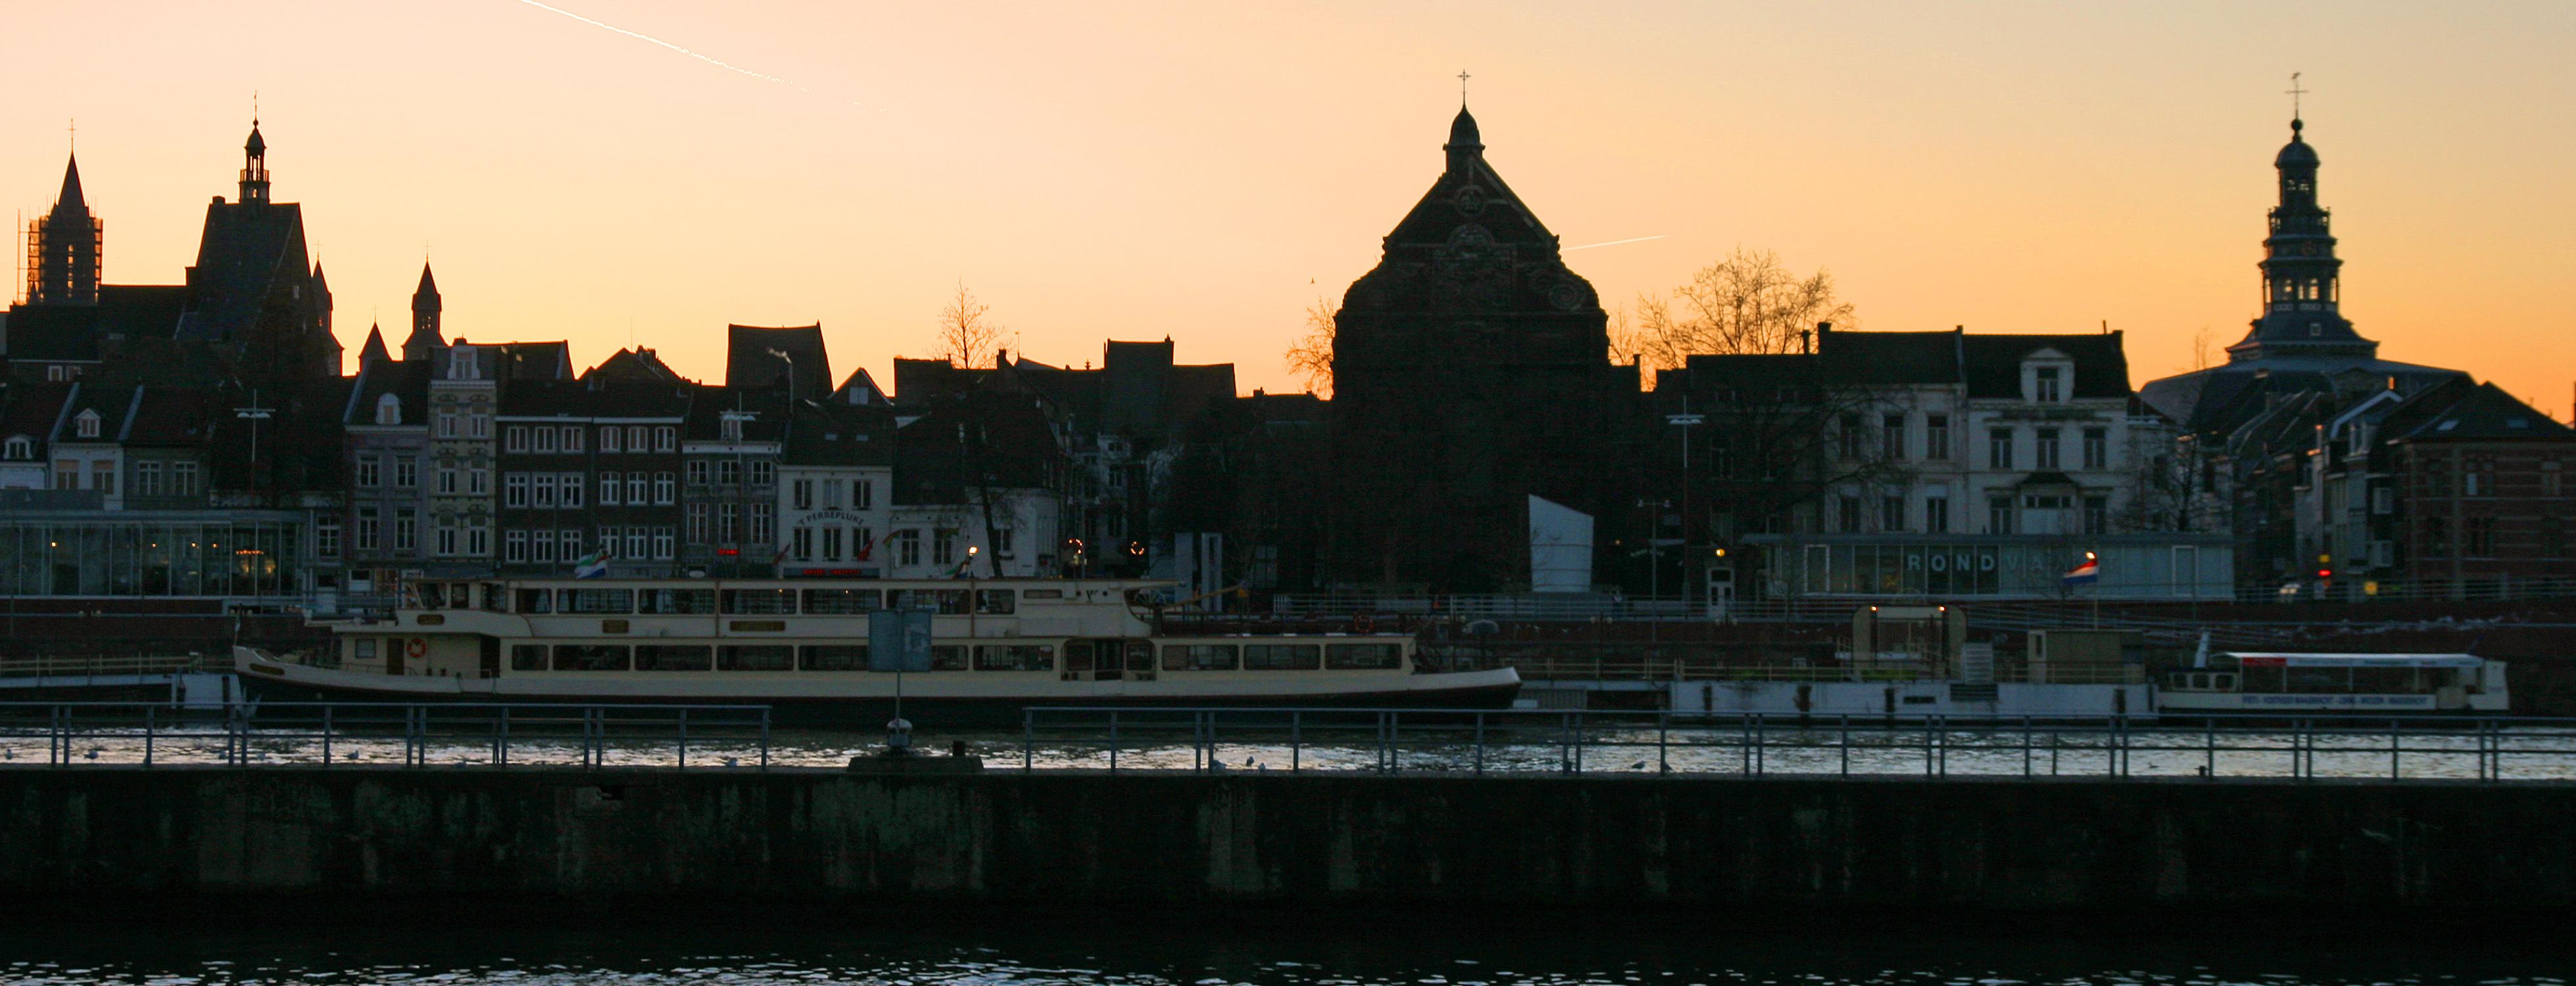 Maastricht (2407003251)